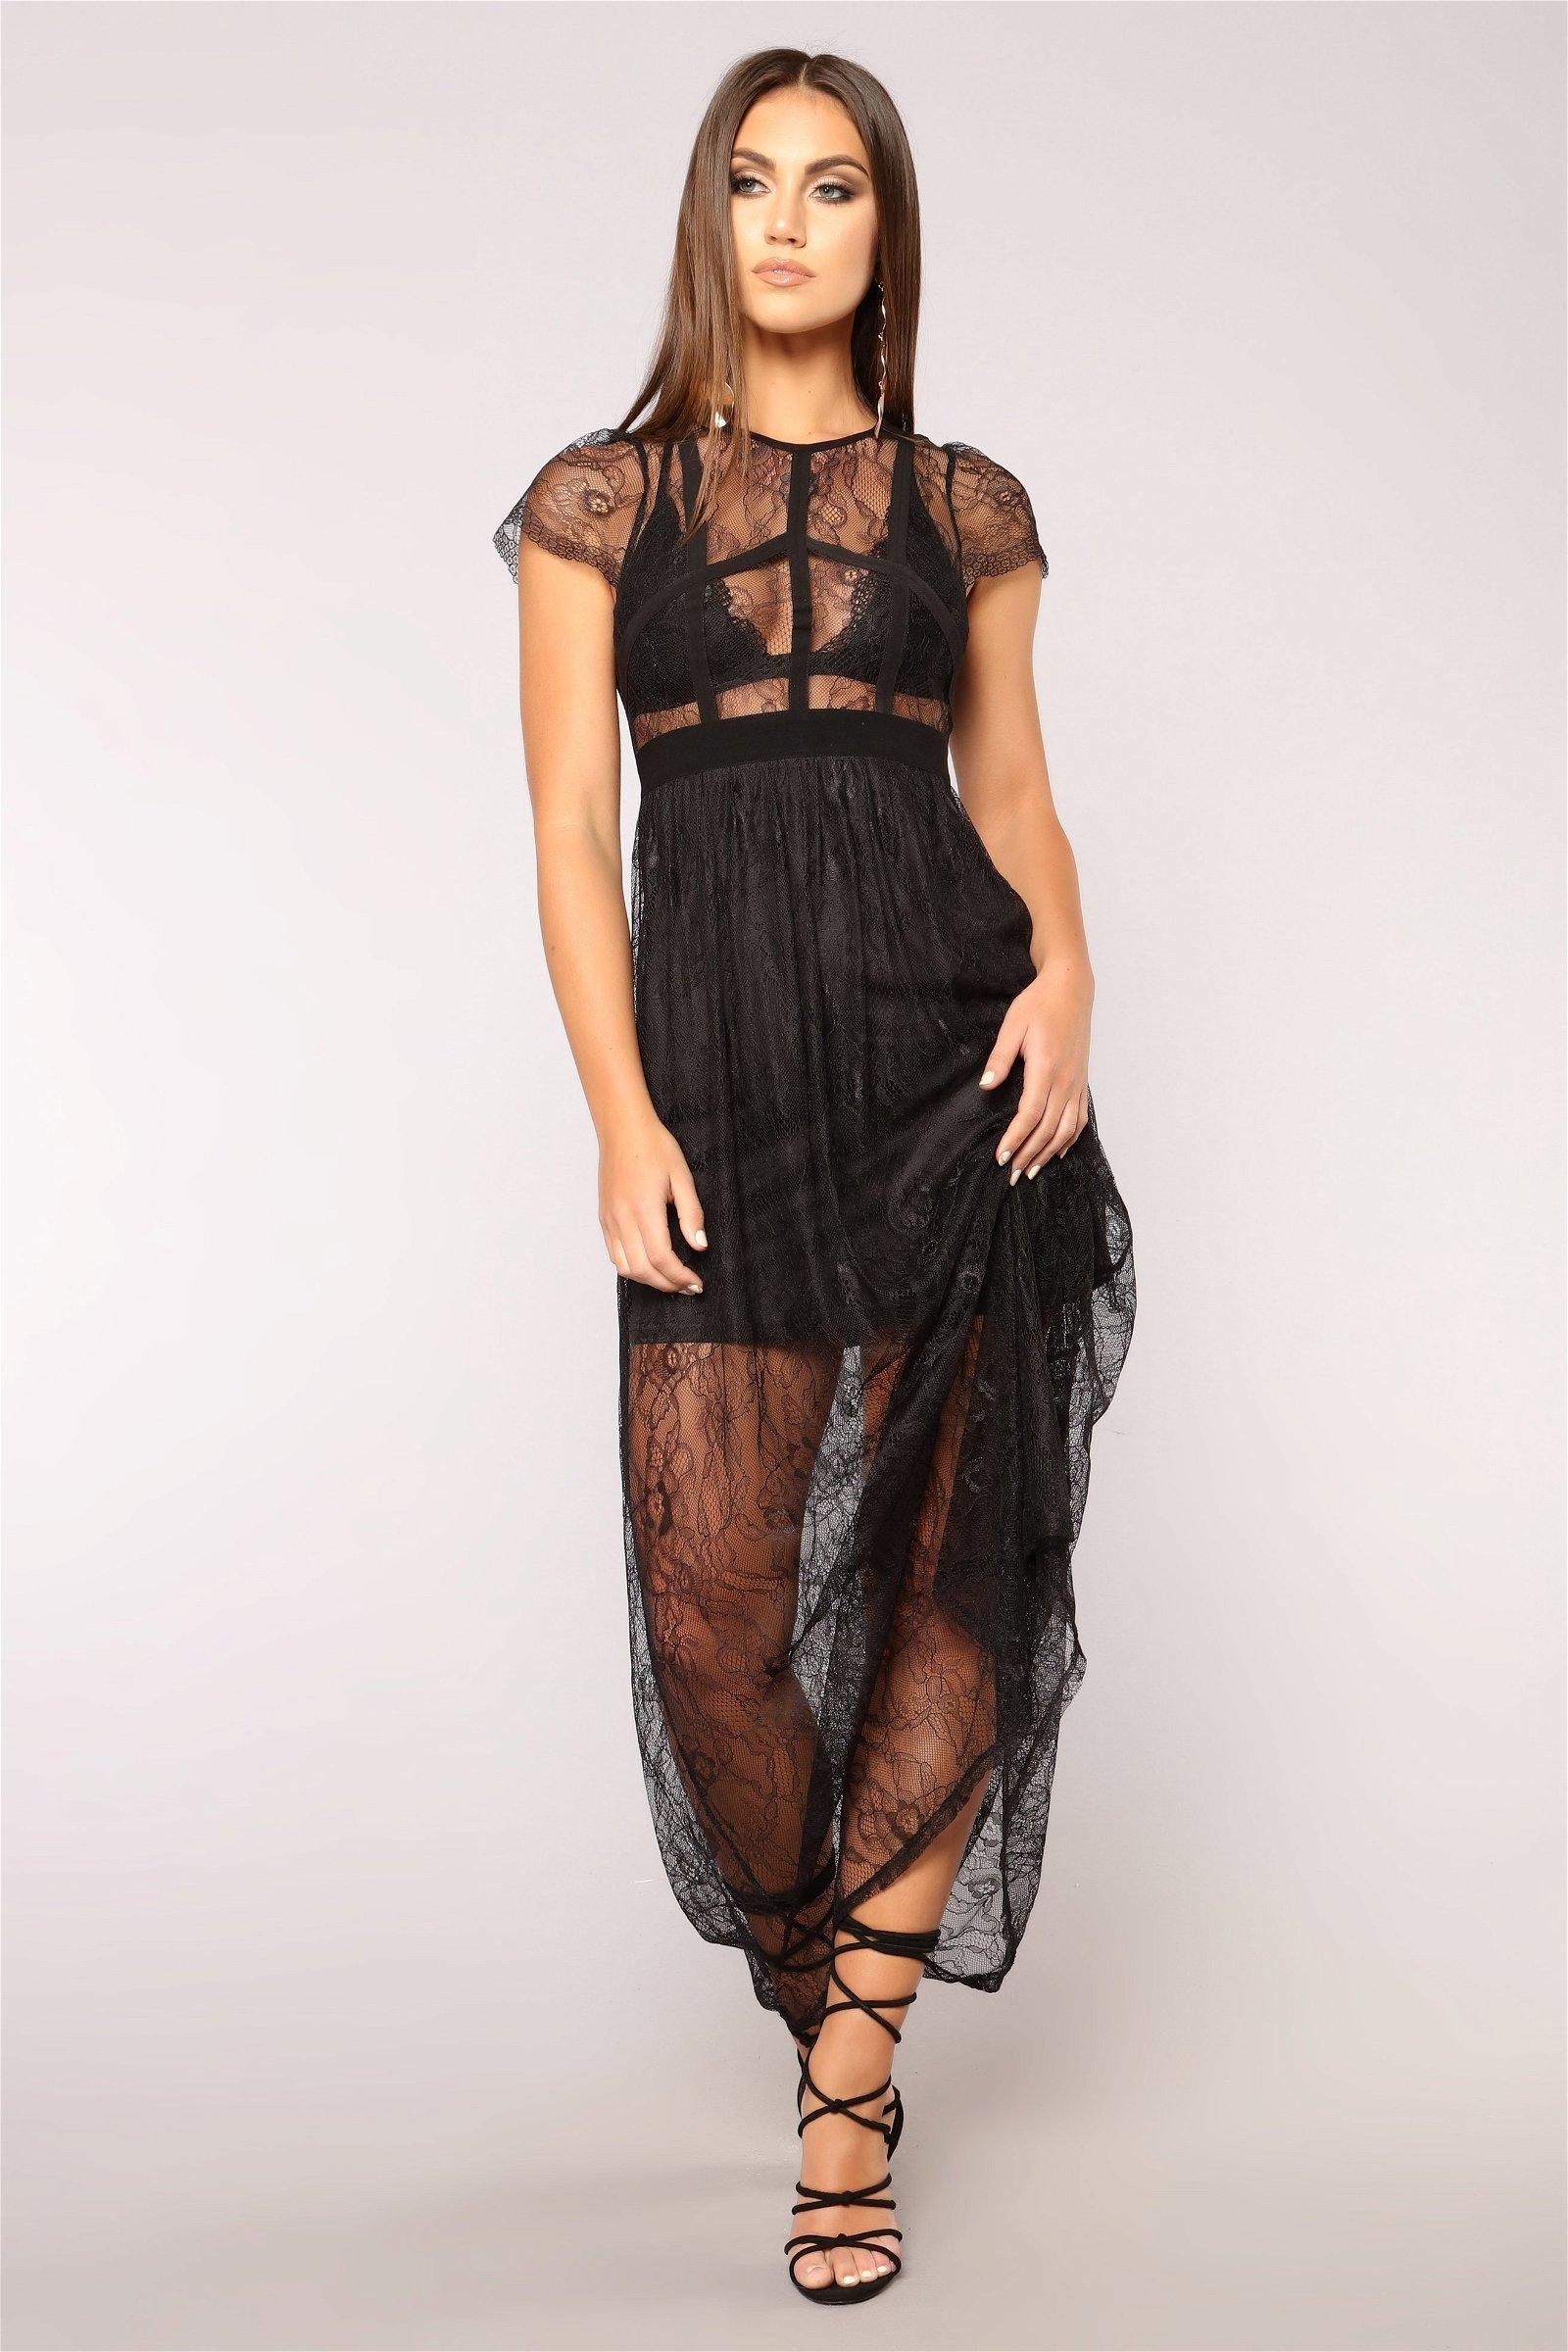 Night Goddess Lace Dress - Black